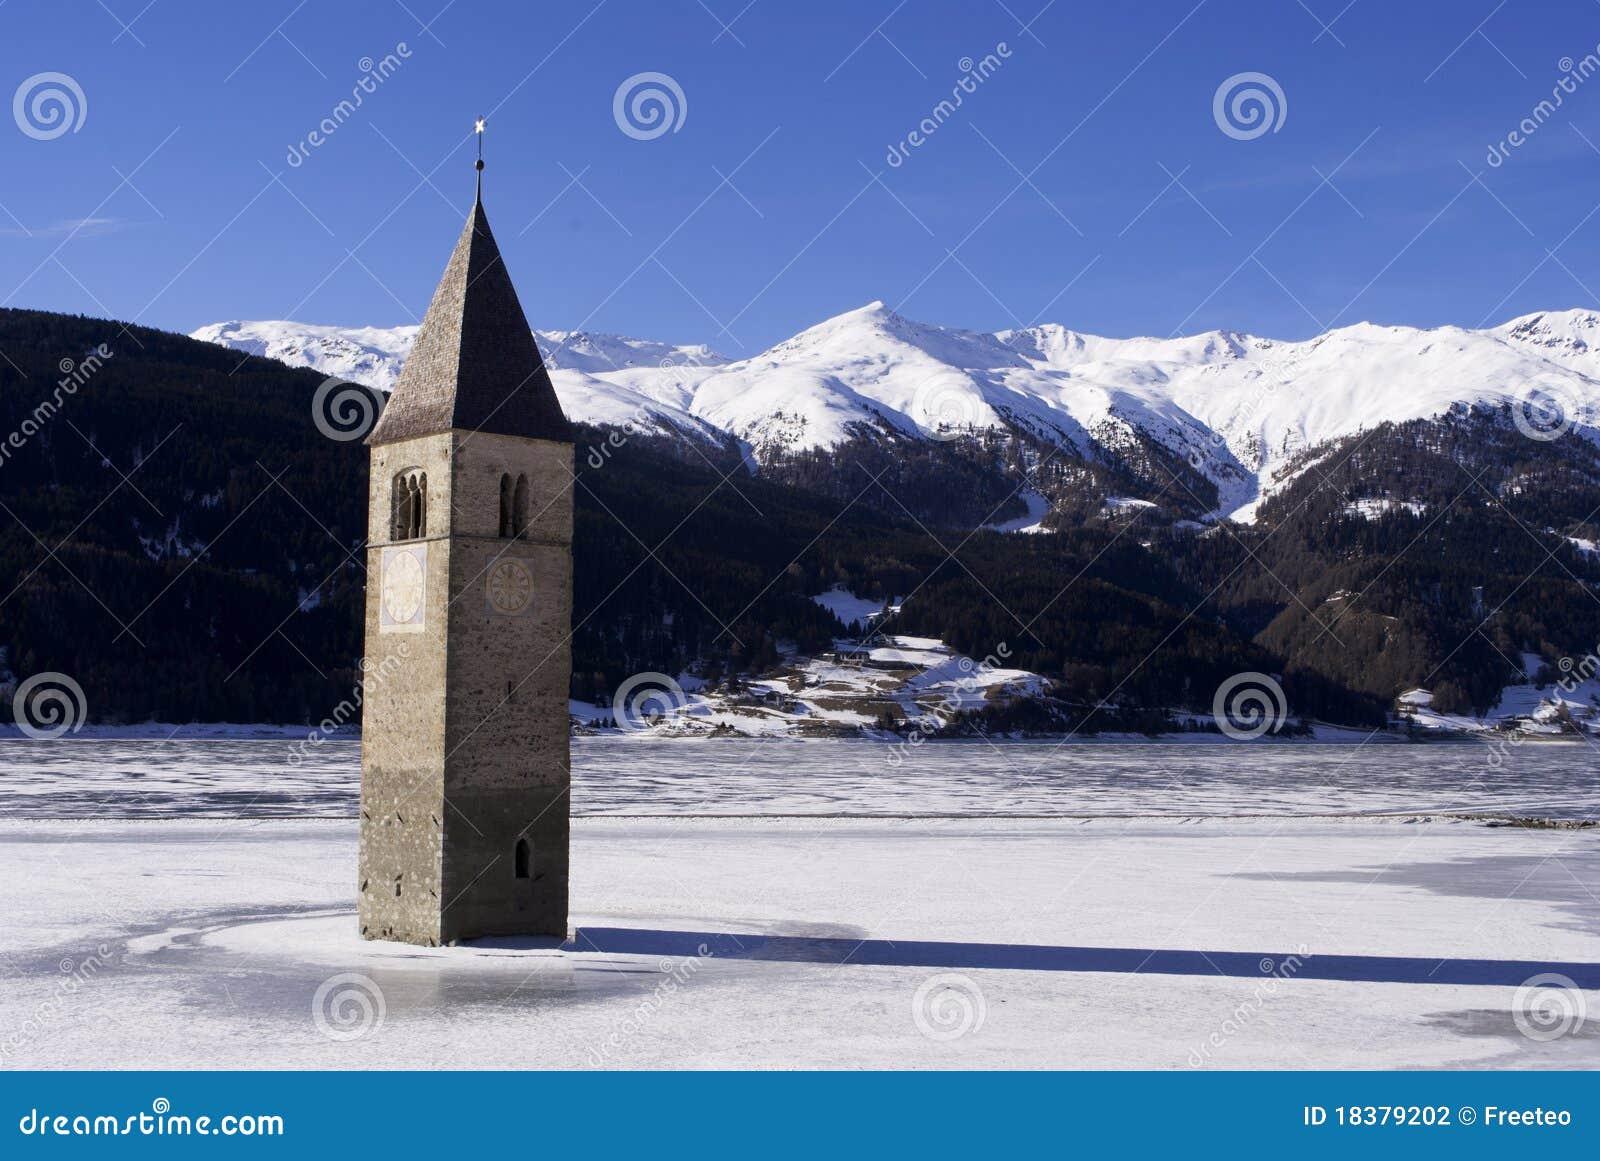 Glockenturmeis